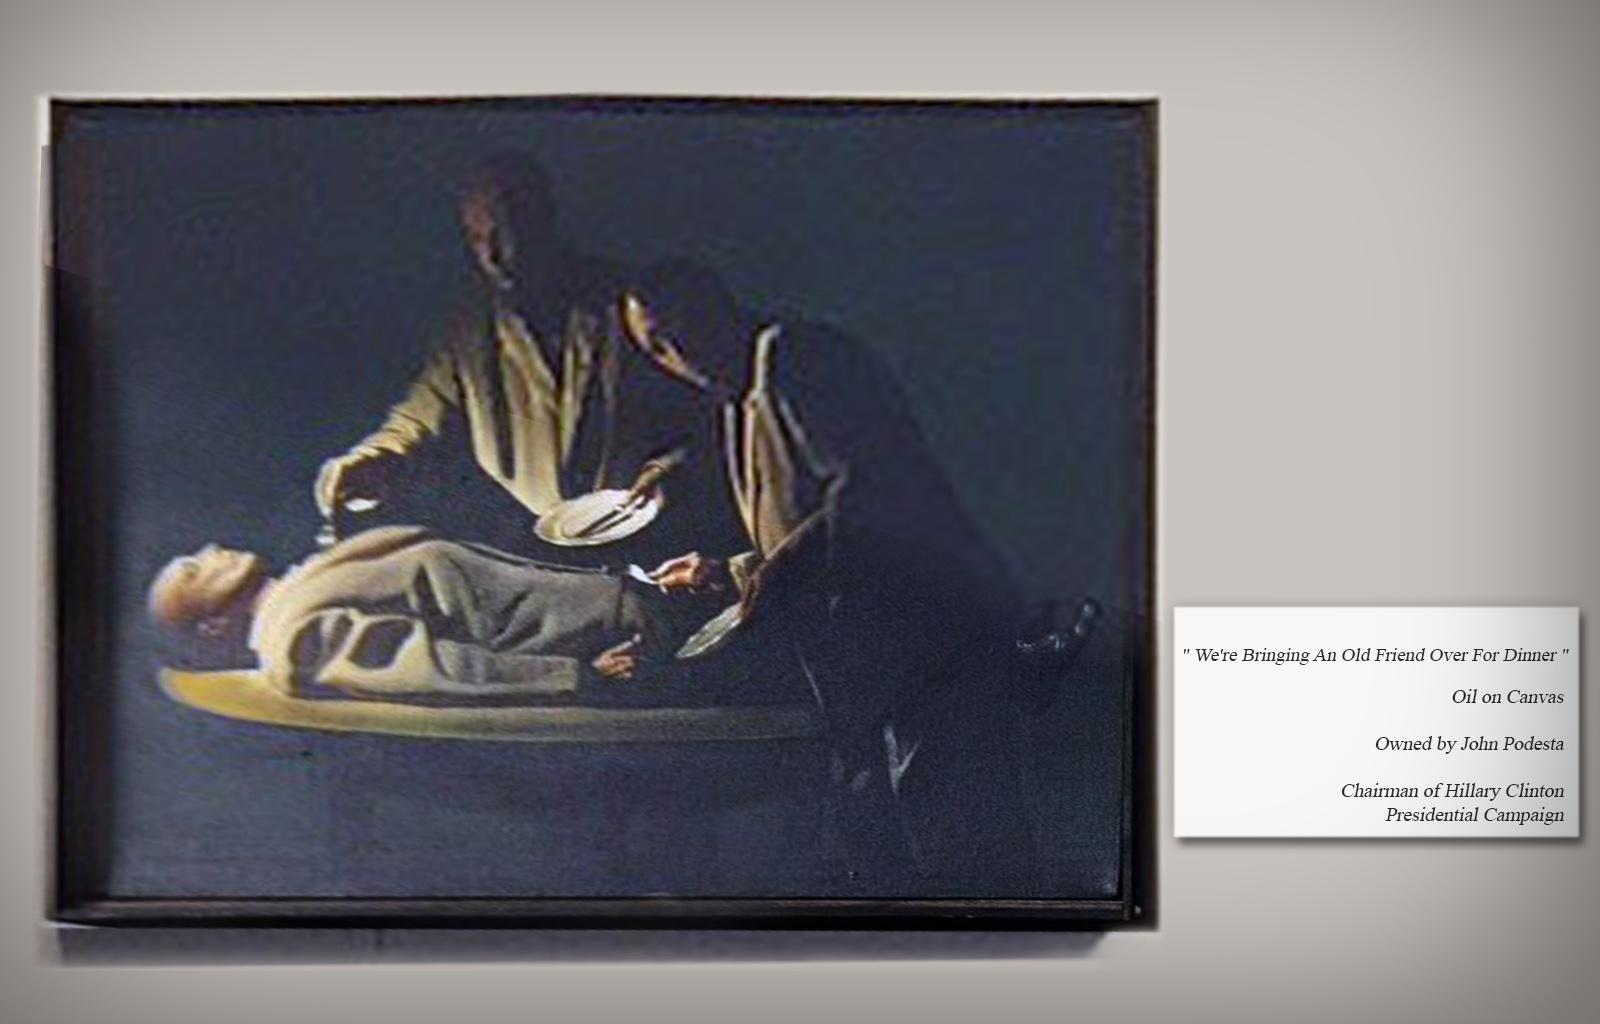 Schilderij op Podesta's werkkamer met referentie naar kannibalisme.